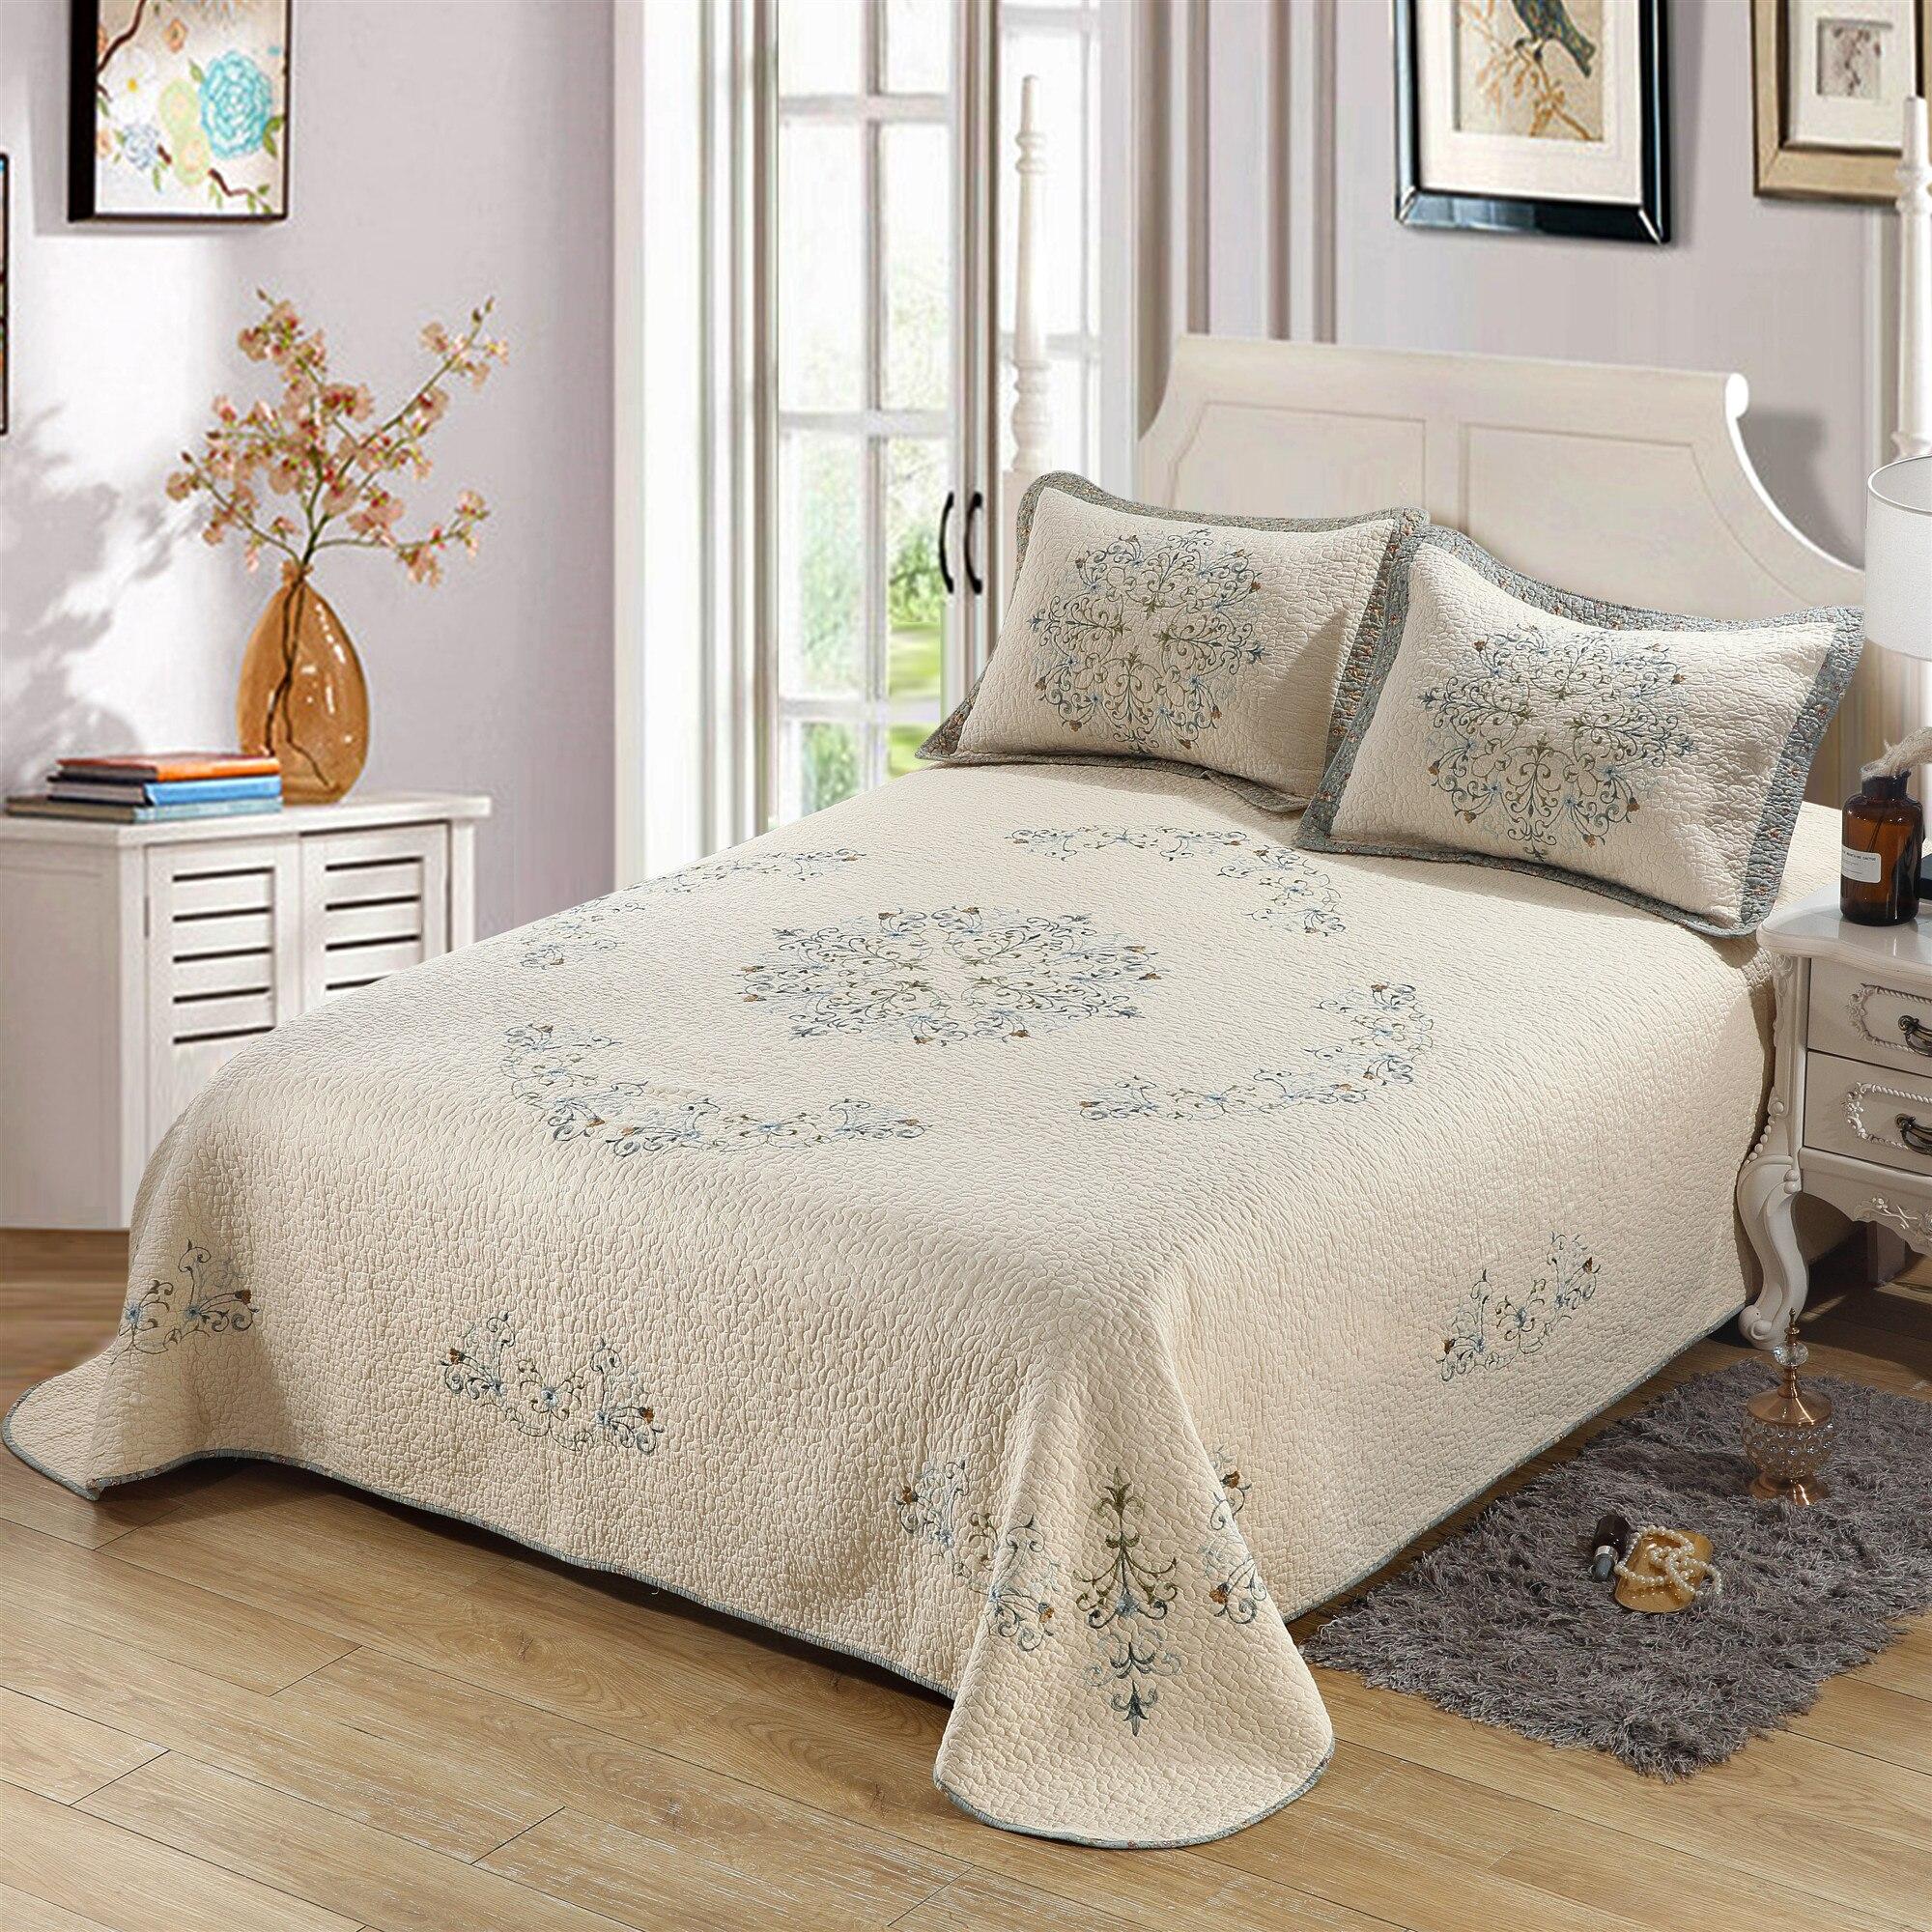 Бесплатная доставка Американский дворец вышитые стиль 3 шт. лоскутное одеяло полный/королева король супер размер кондиционер покрывало H